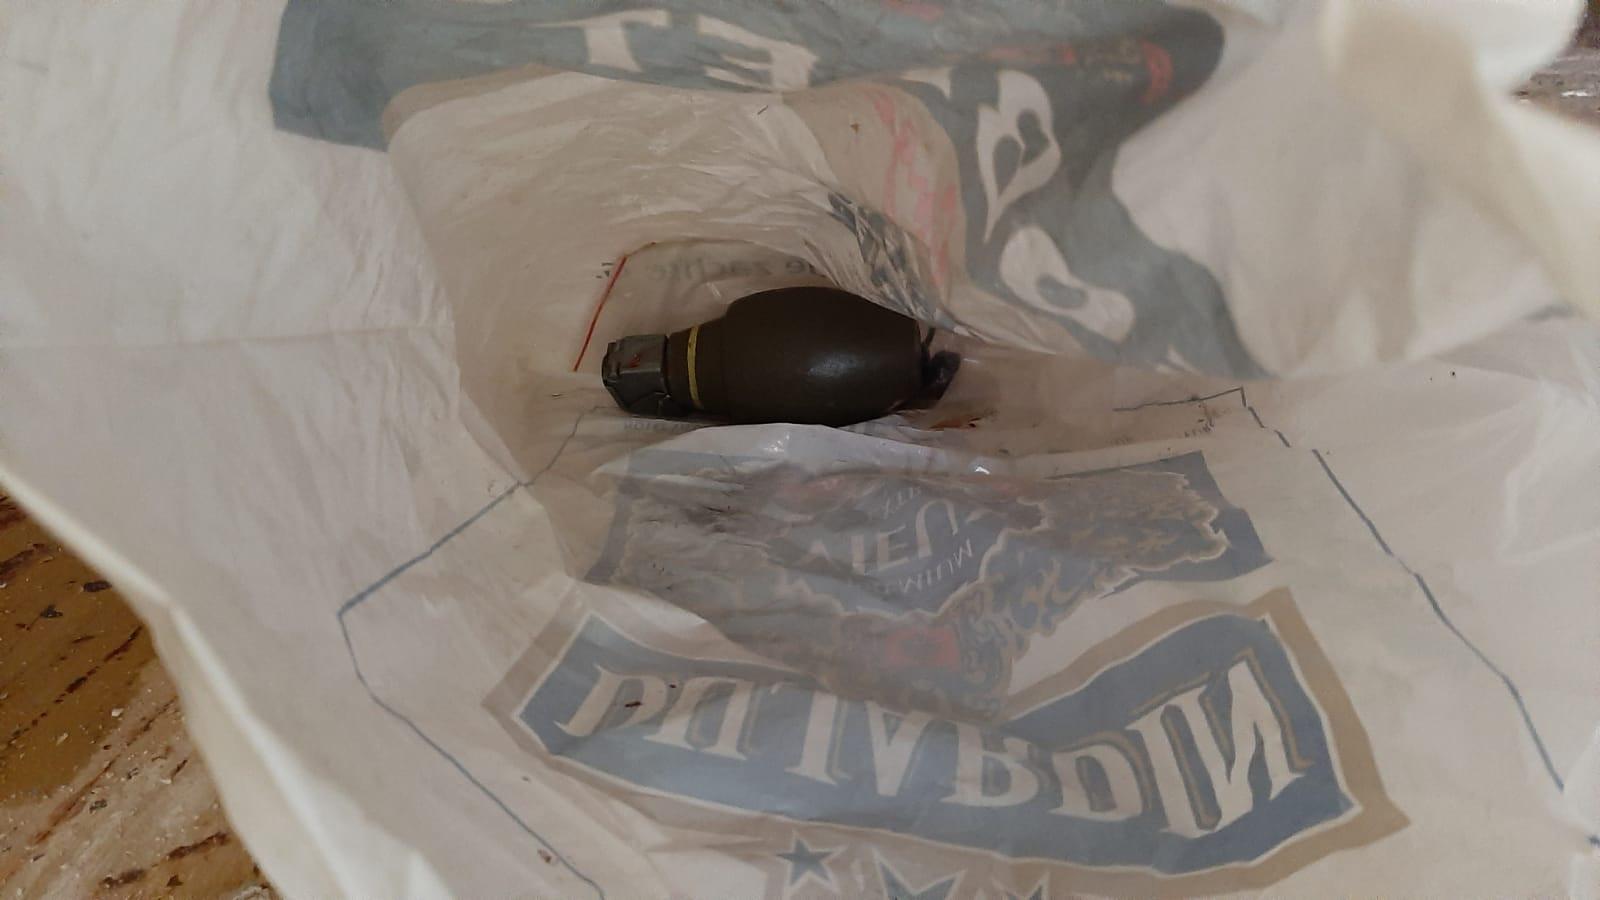 De handgranaat, gevonden in een vriezer in een Roosendaalse woning.